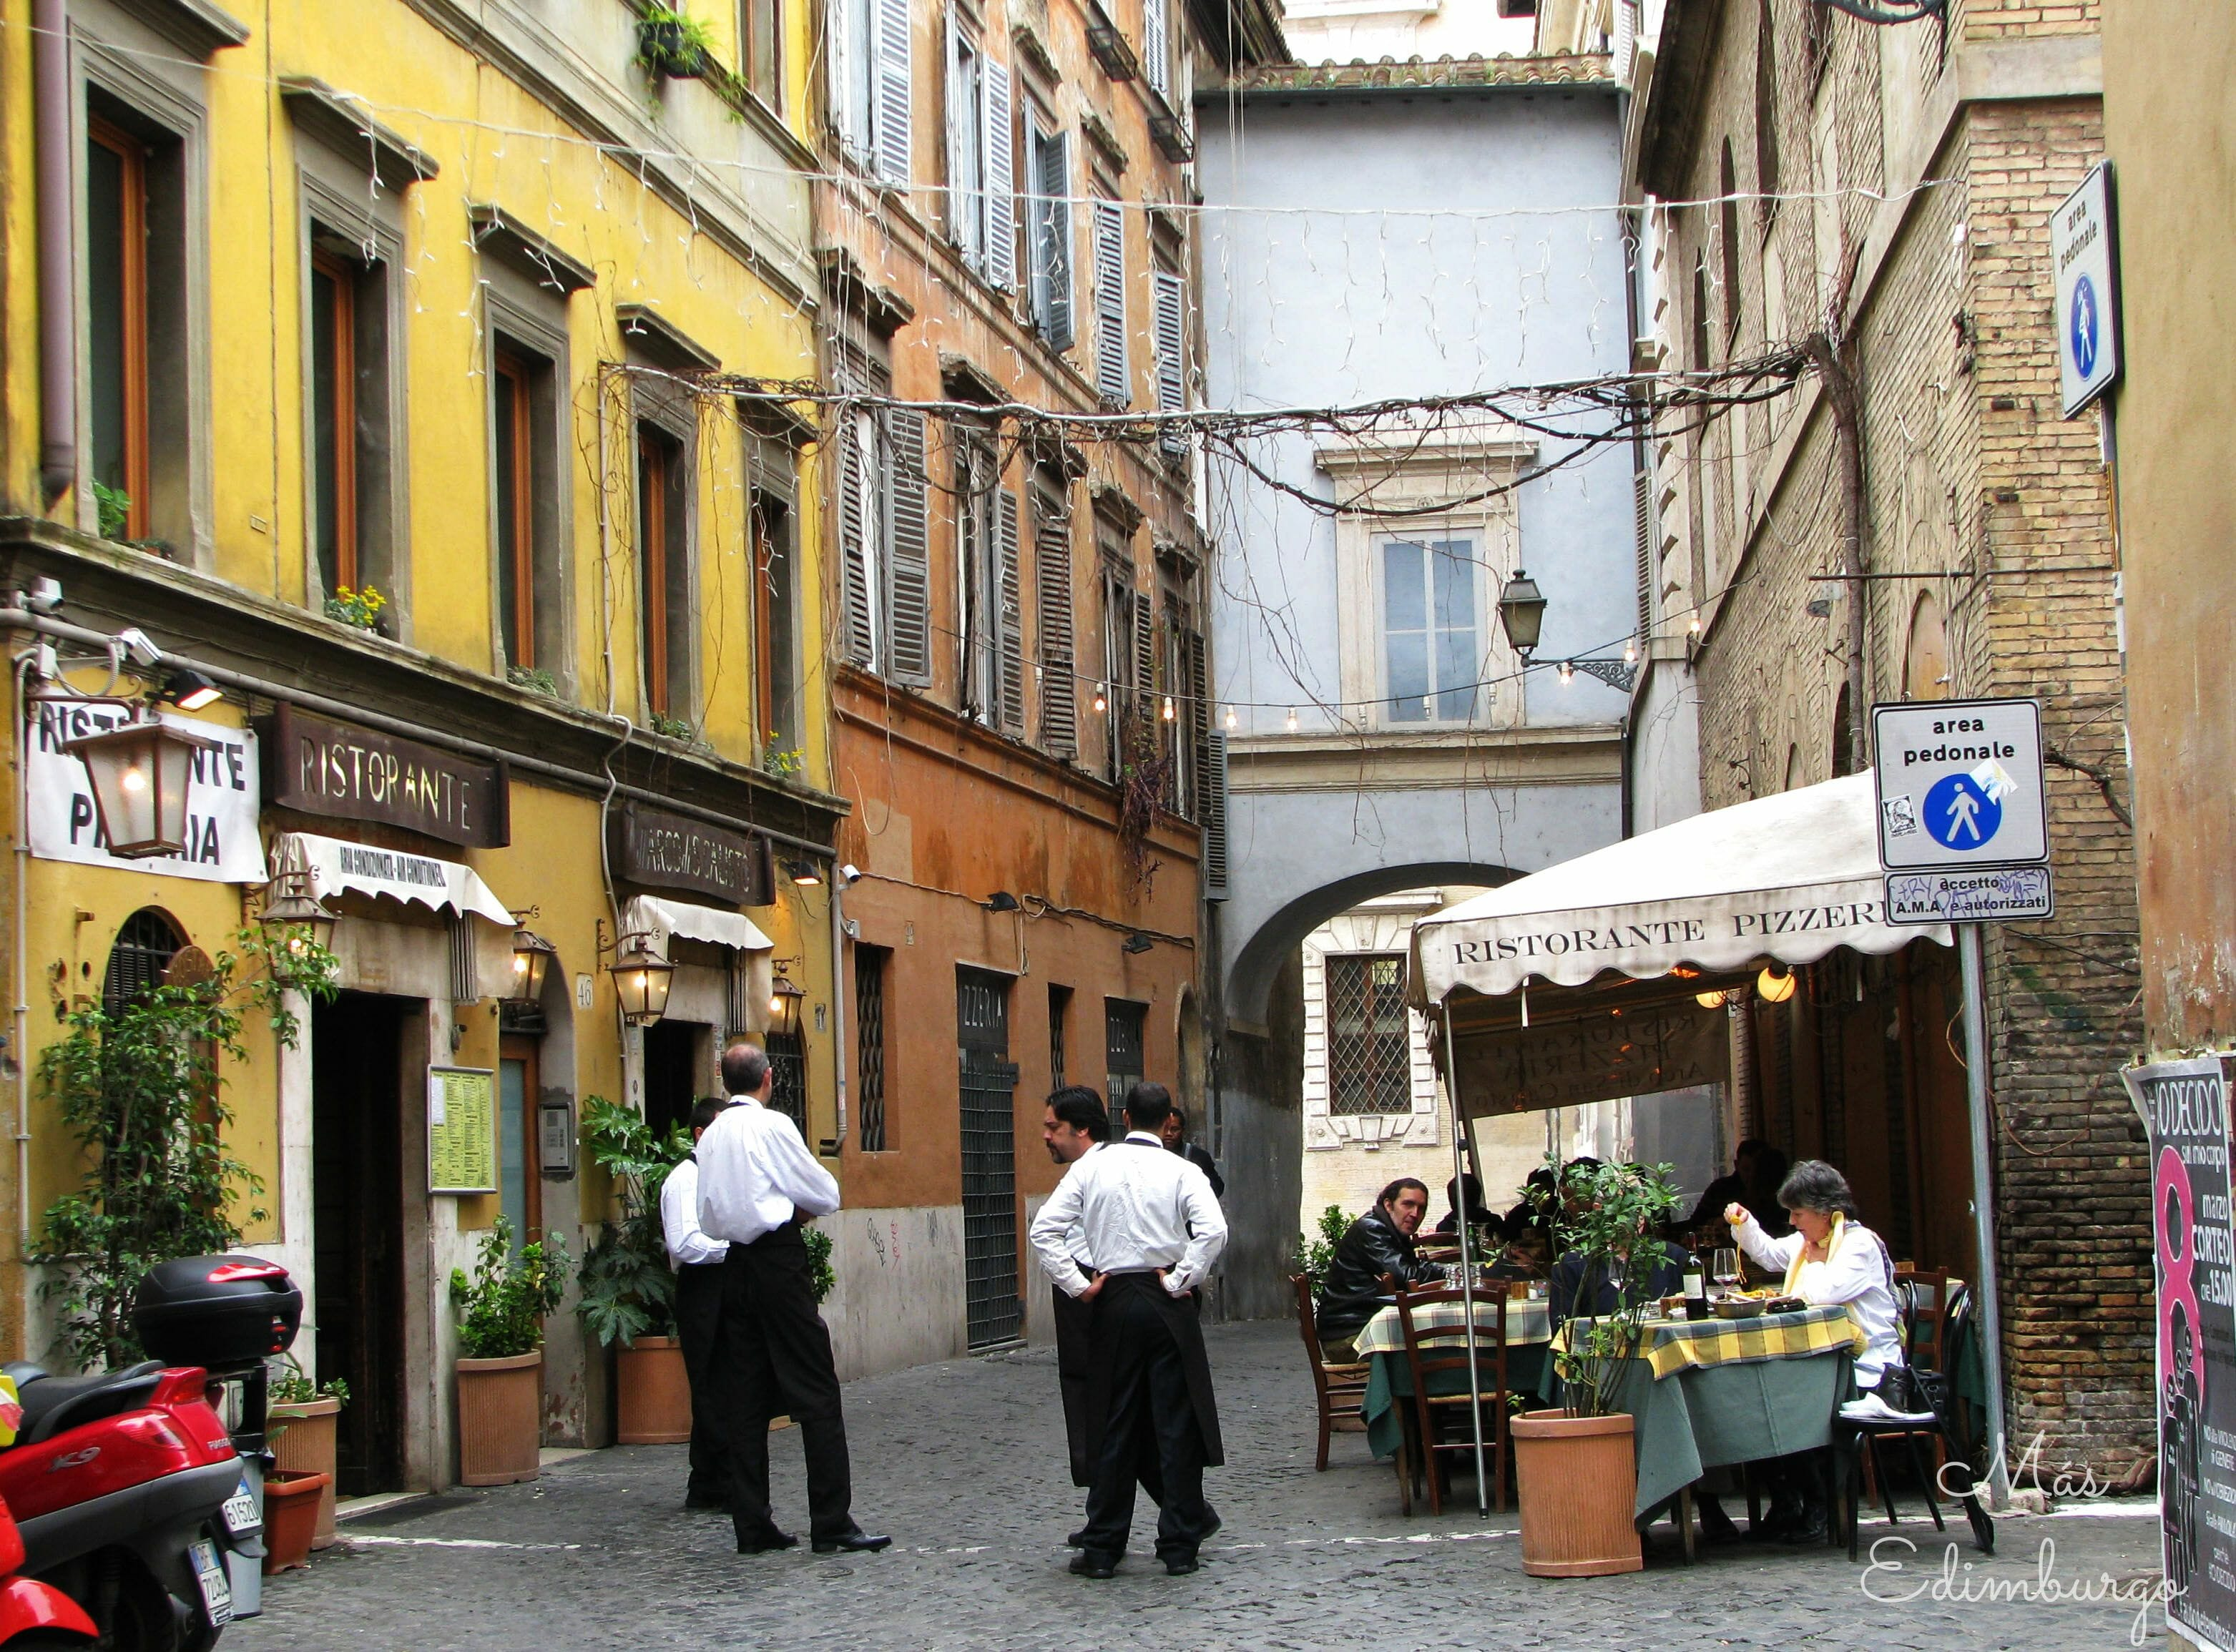 Trastevere, el barrio mas bonito de Roma Mas Edimburgo (2)